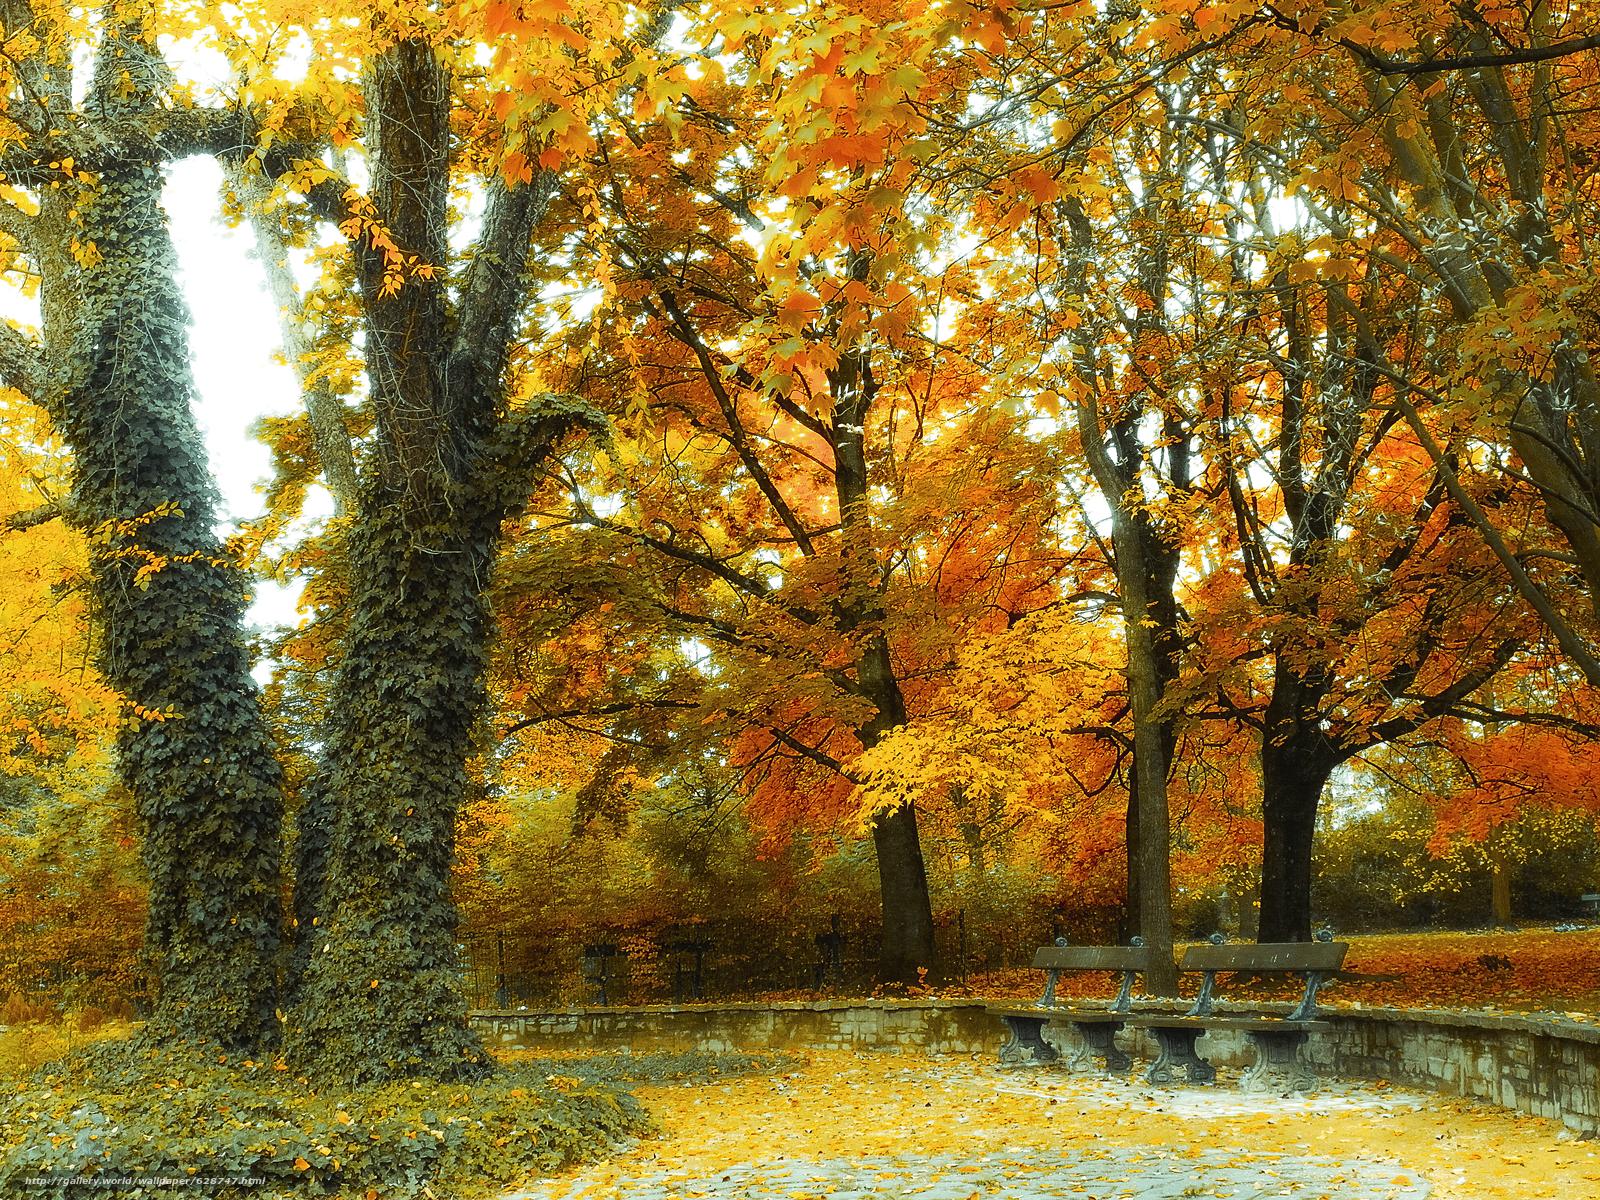 парк, осень, деревья, лавочки, пейзаж